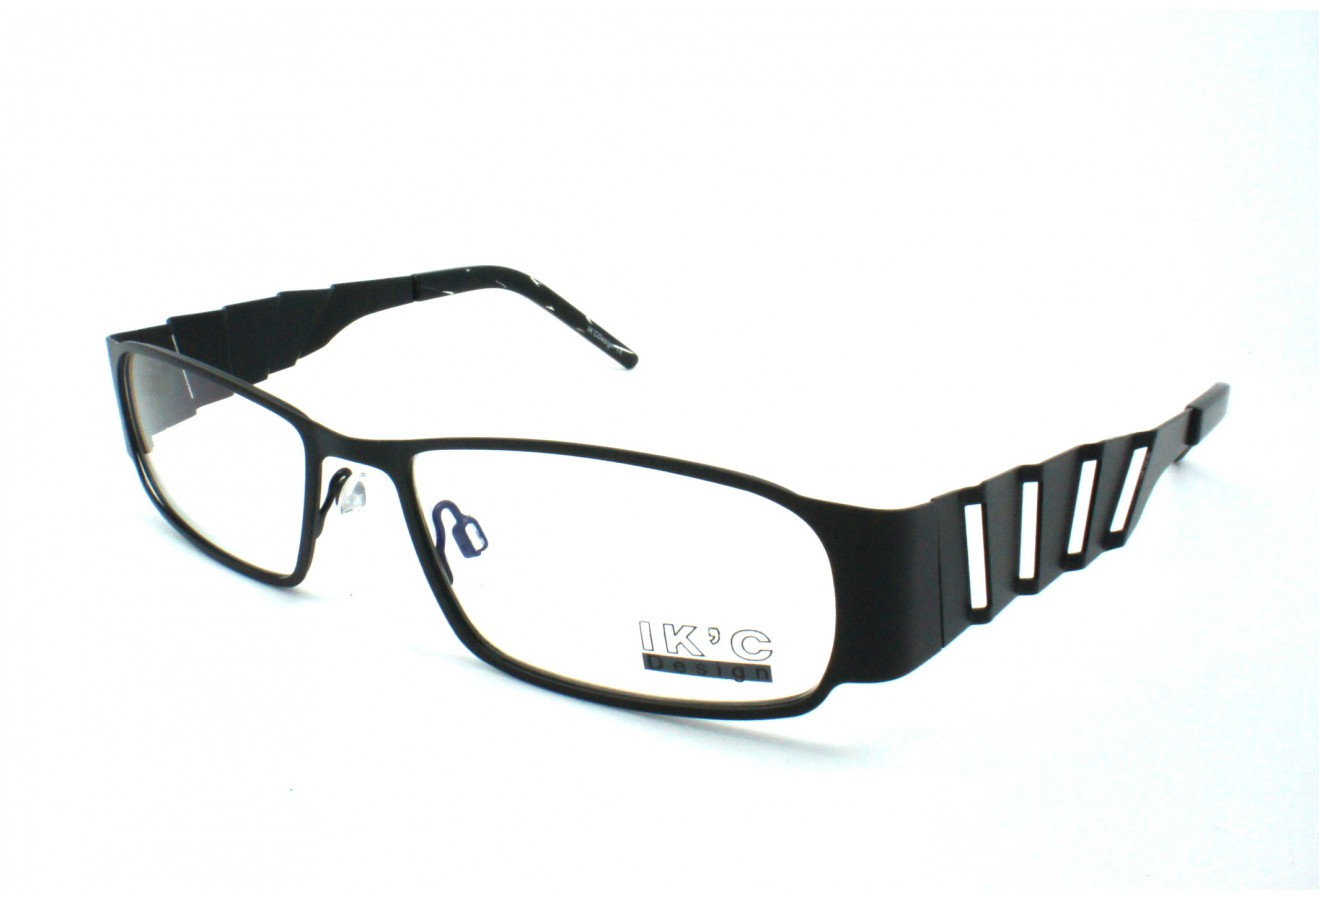 masque de ski pour lunette de vue fashion designs. Black Bedroom Furniture Sets. Home Design Ideas